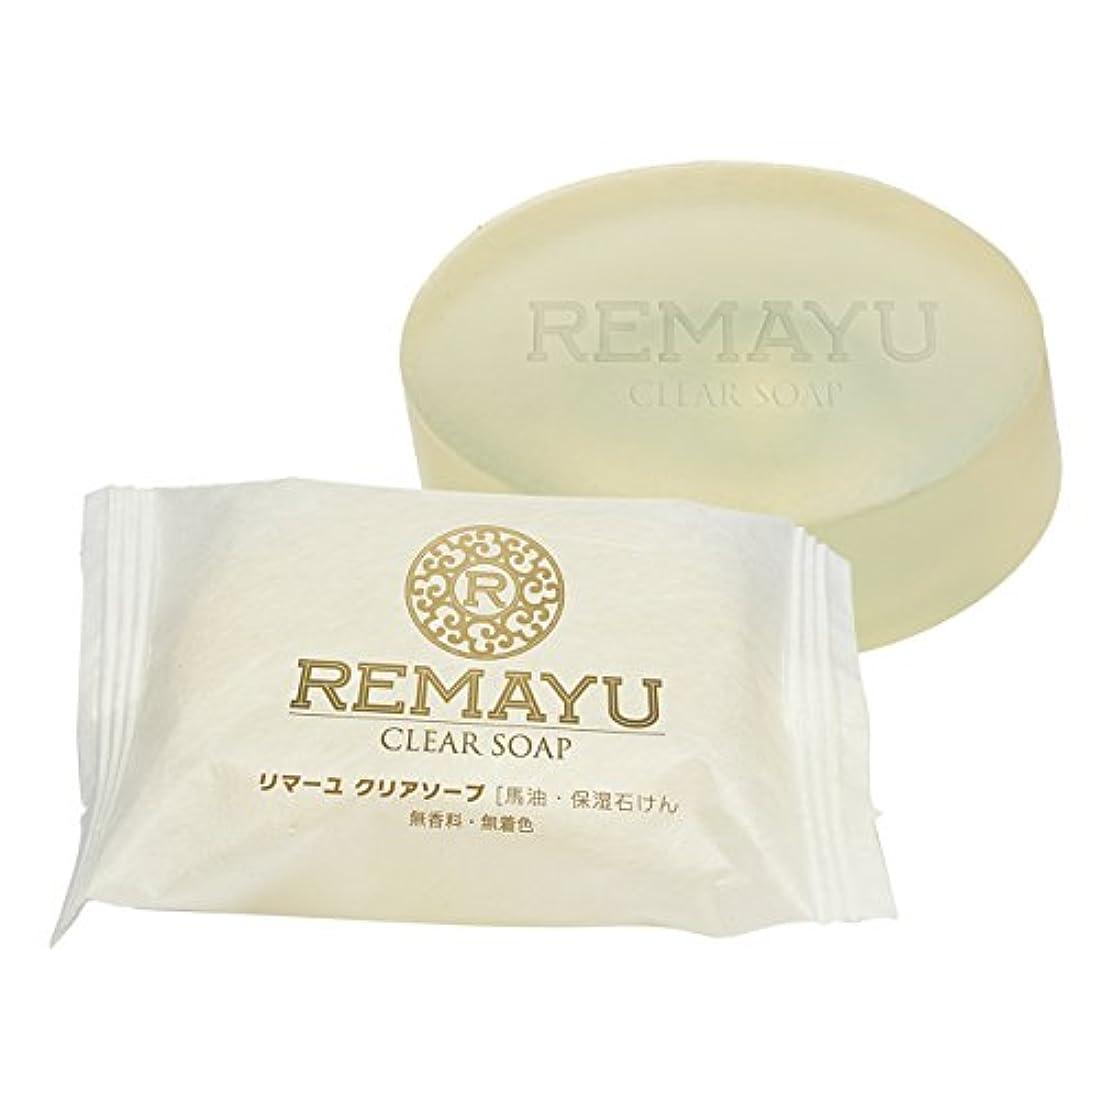 容器ブルーム寝るリマーユ クリアソープ 90g 馬油 リバテープ製薬 日本製 ばゆ石鹸 ばゆ洗顔